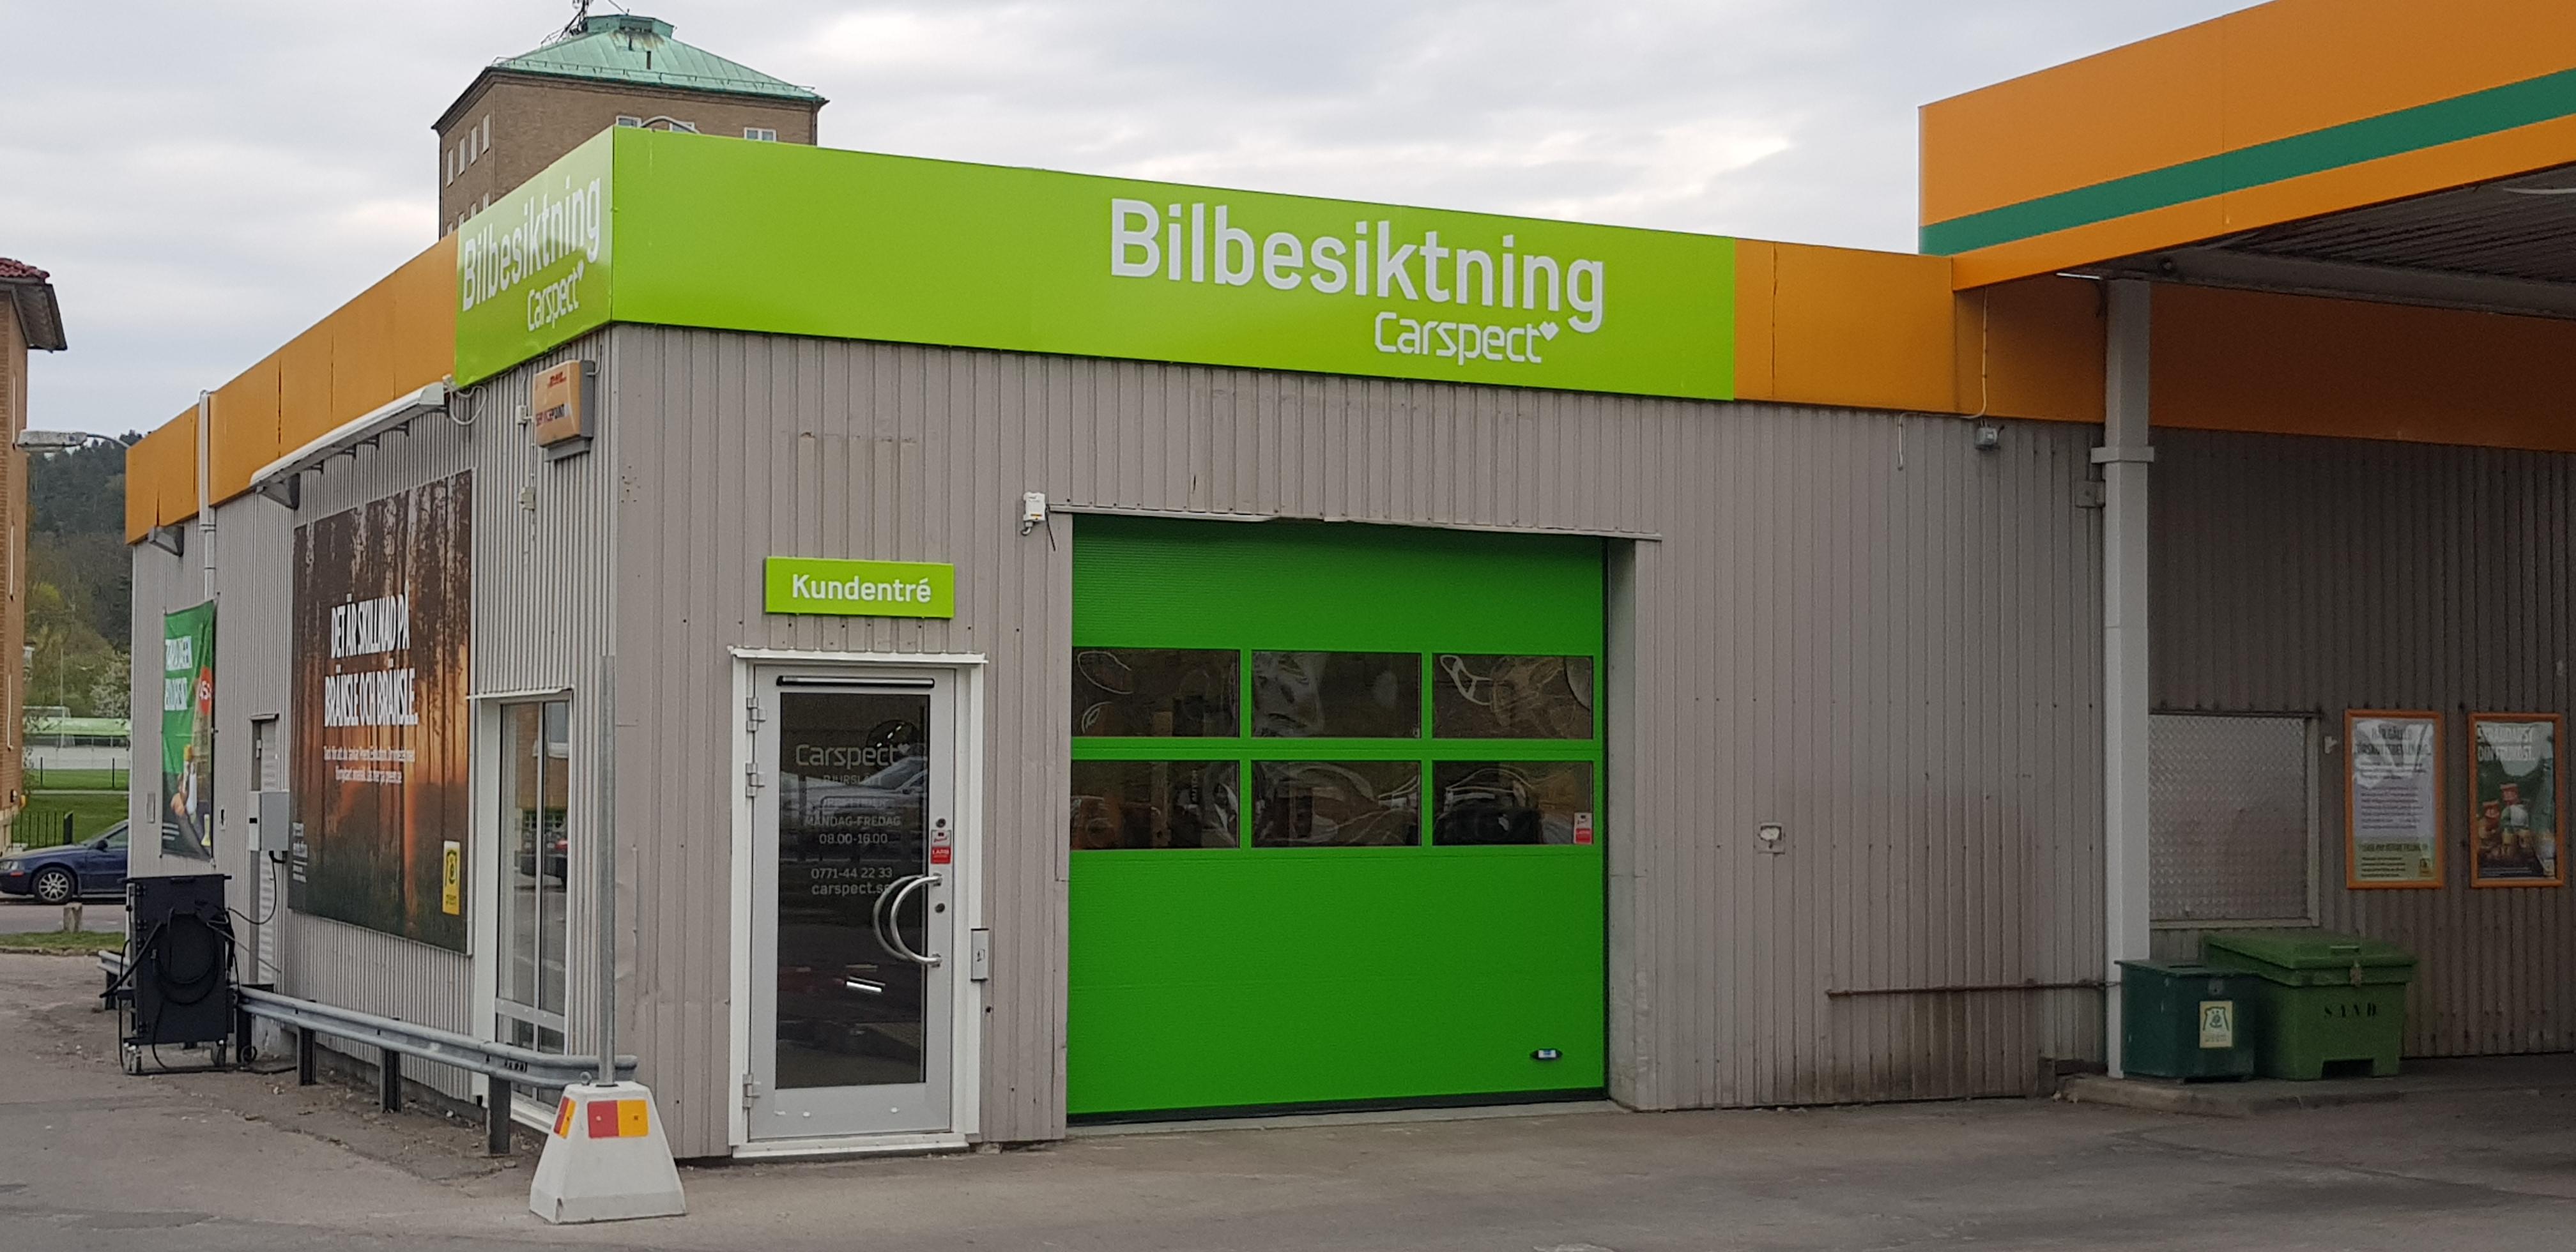 Carspects besiktningsstation i Bjurslätt, Göteborg